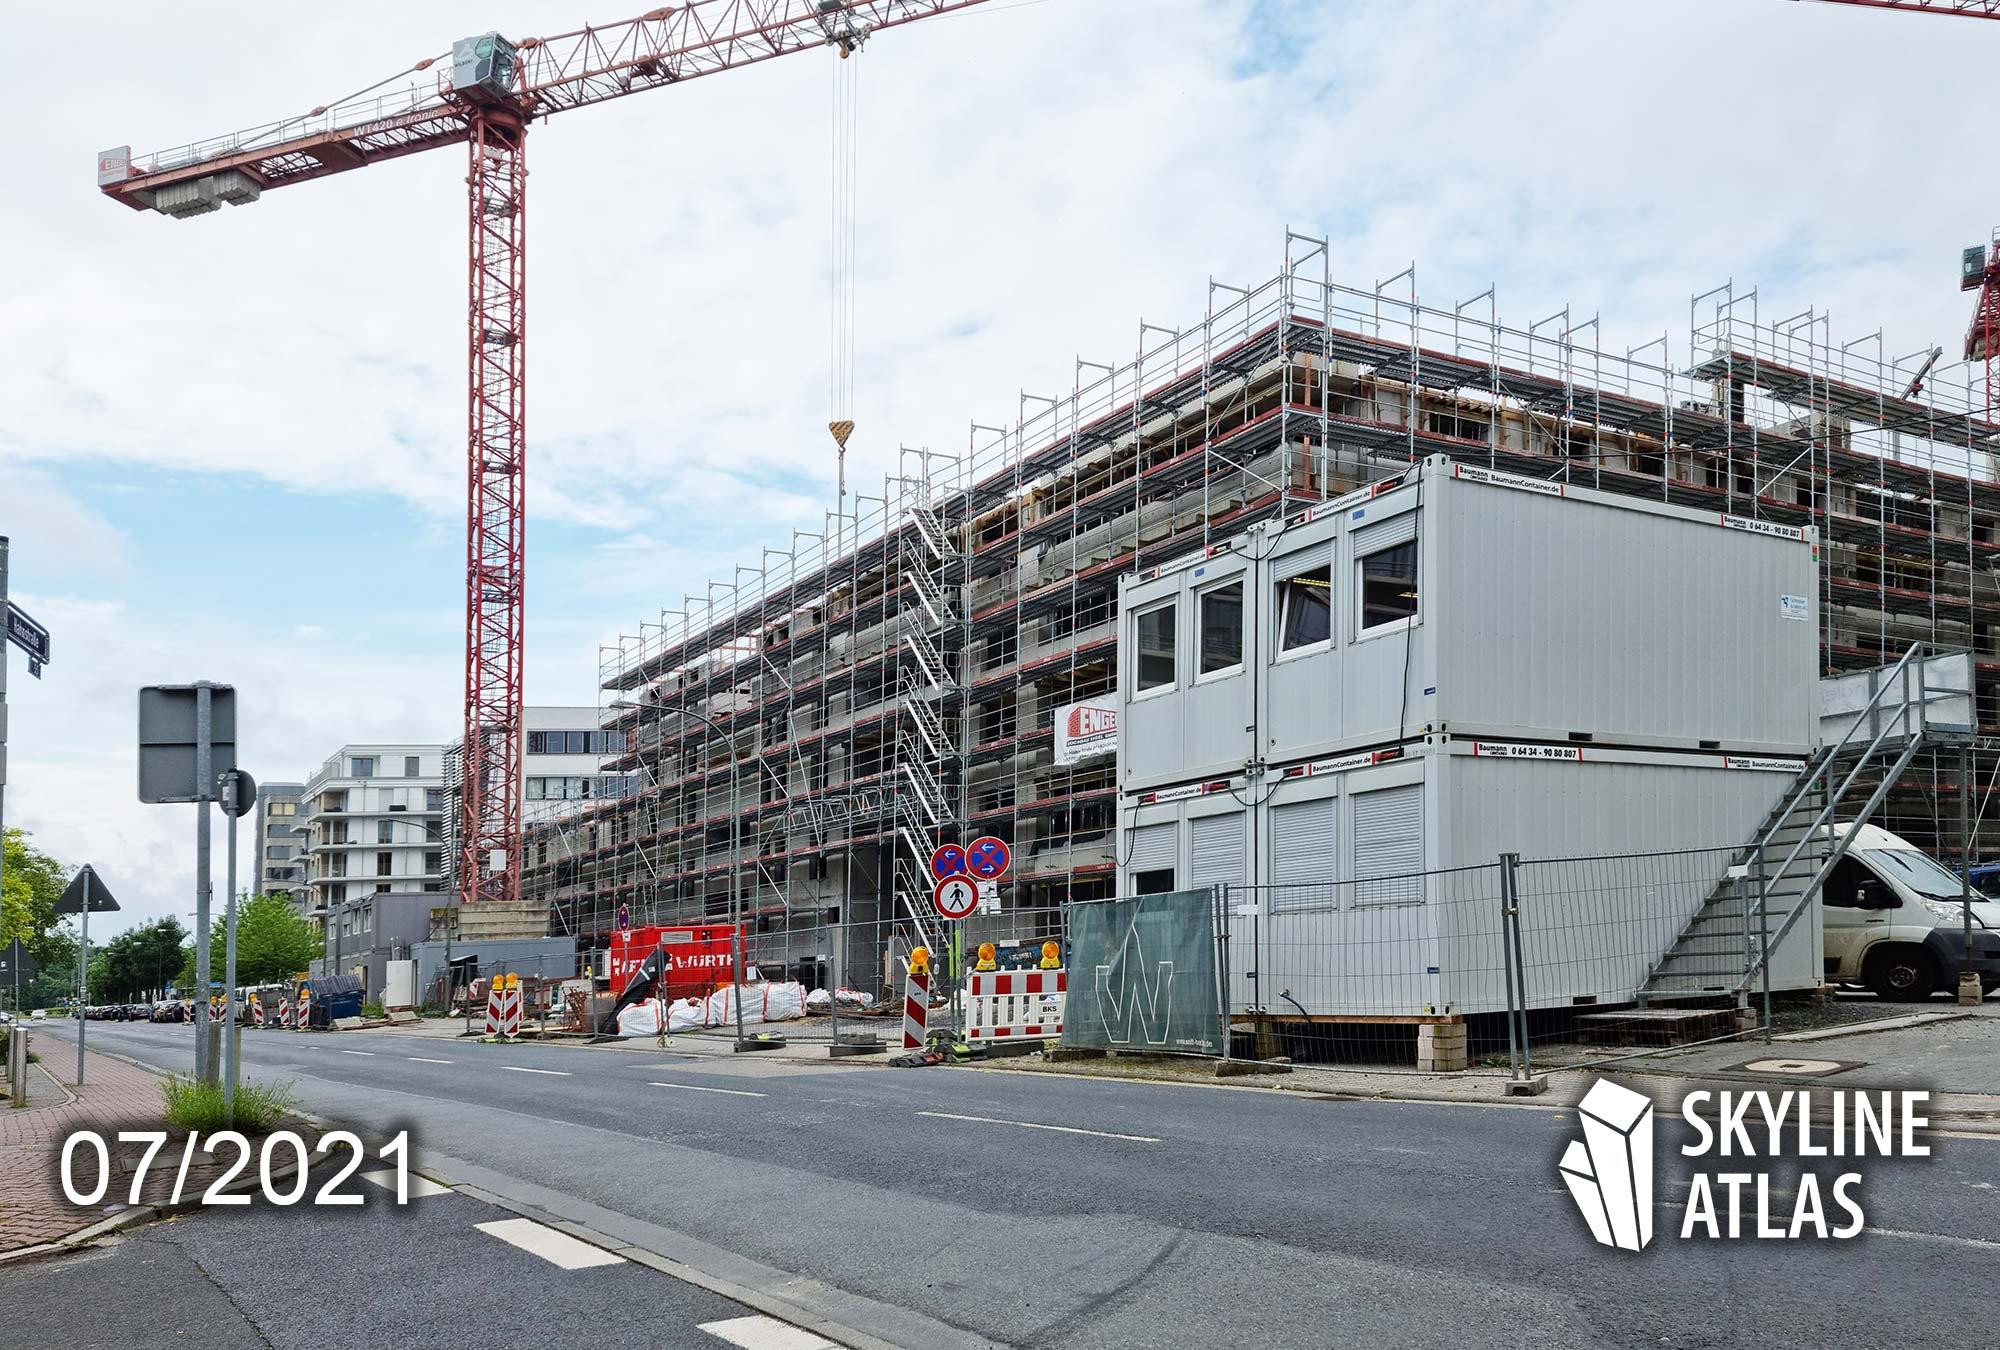 Hahnstraße 48 Frankfurt am Main - Hahnstraße FFM - Baustelle - Wohnungen - Juli 2021